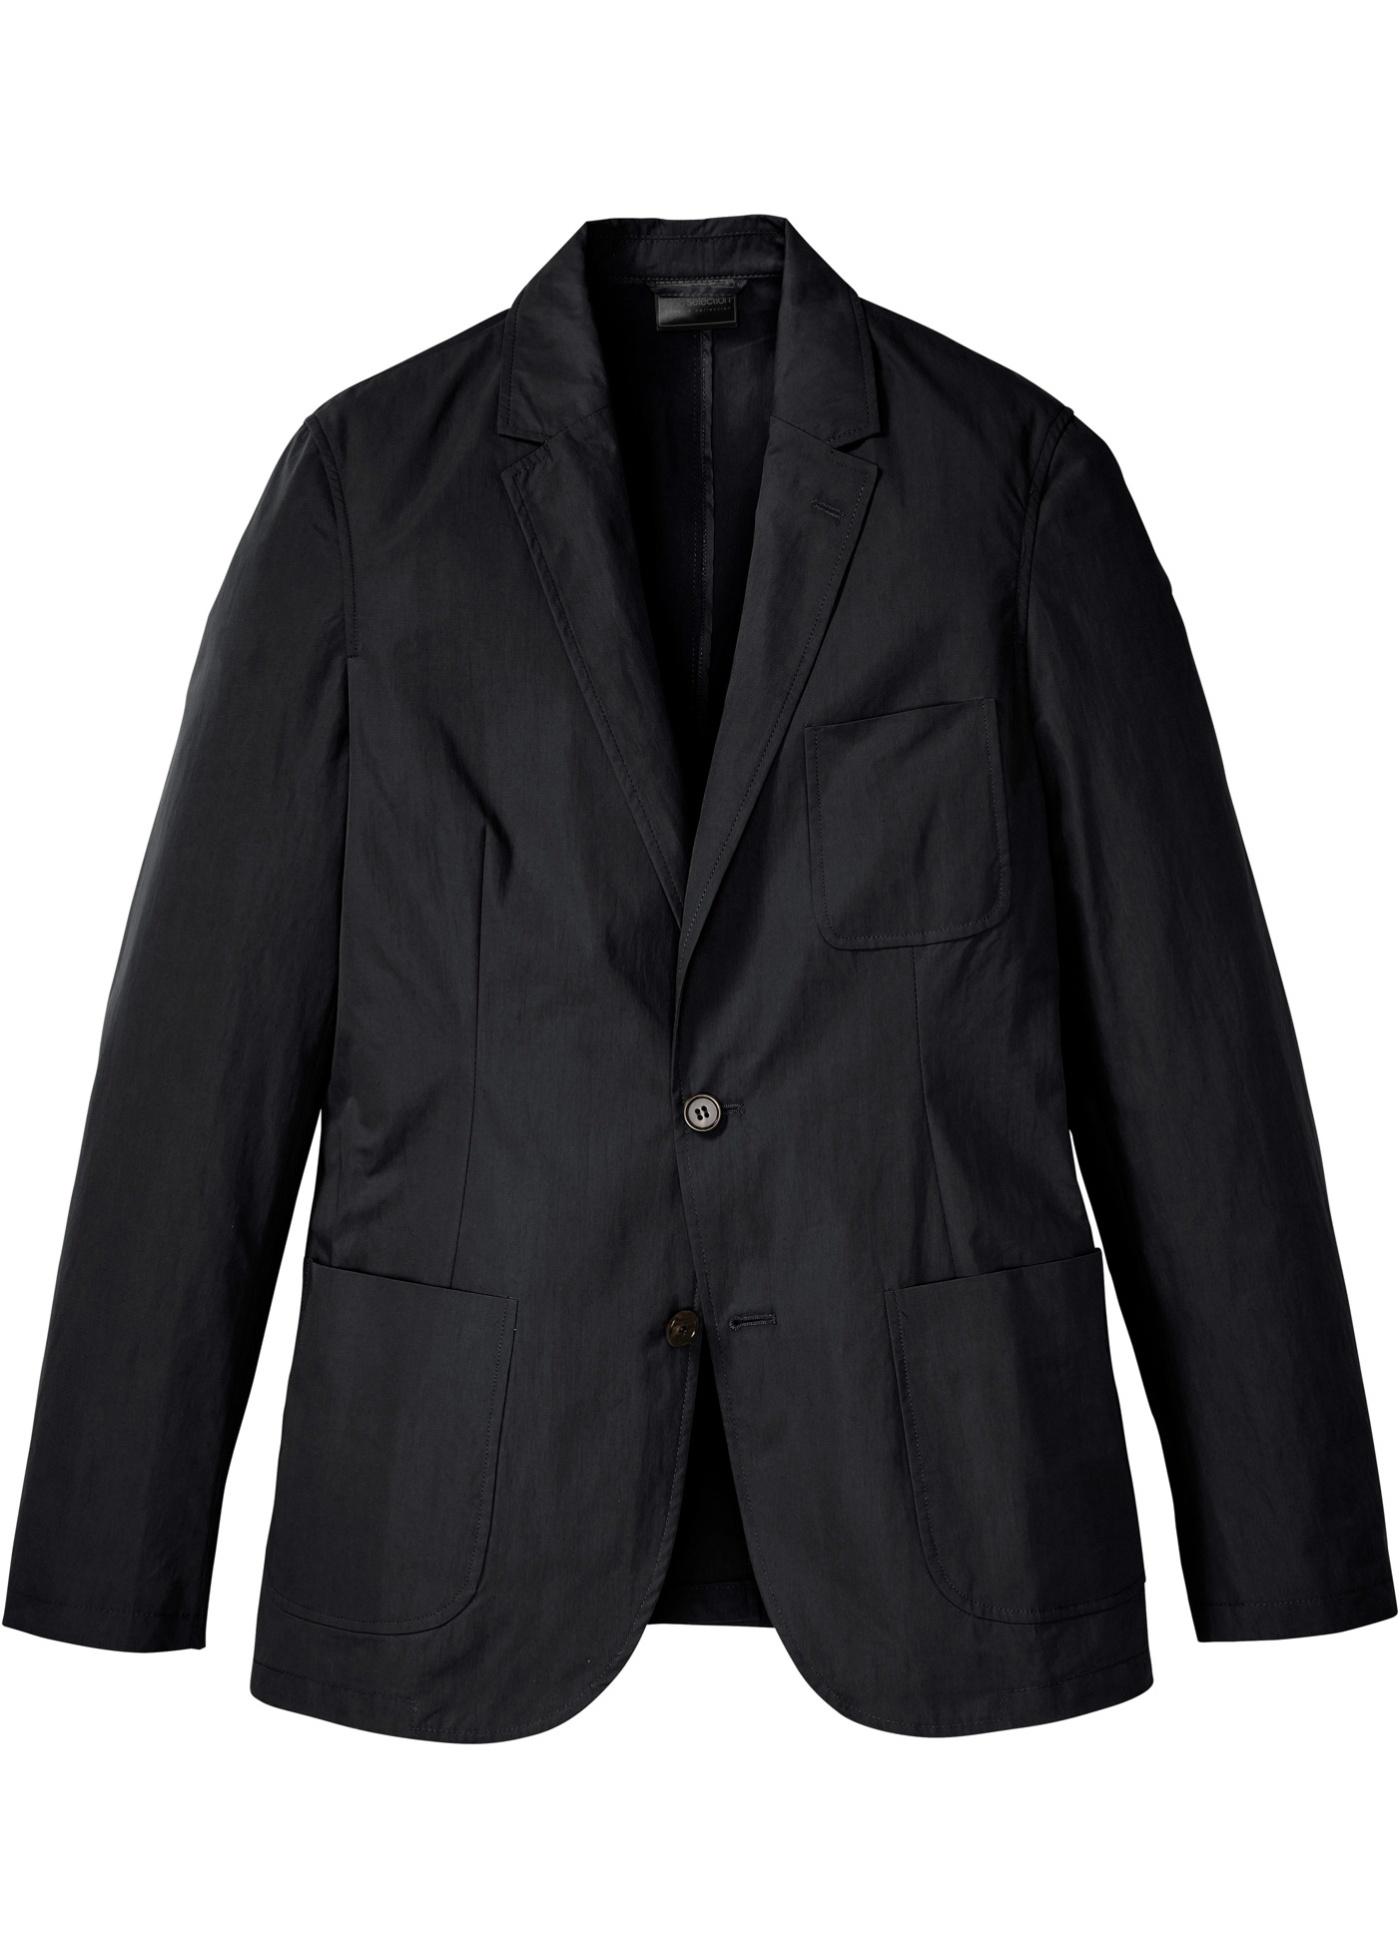 Sakko sportiv langarm  in schwarz für Herren von bonprix